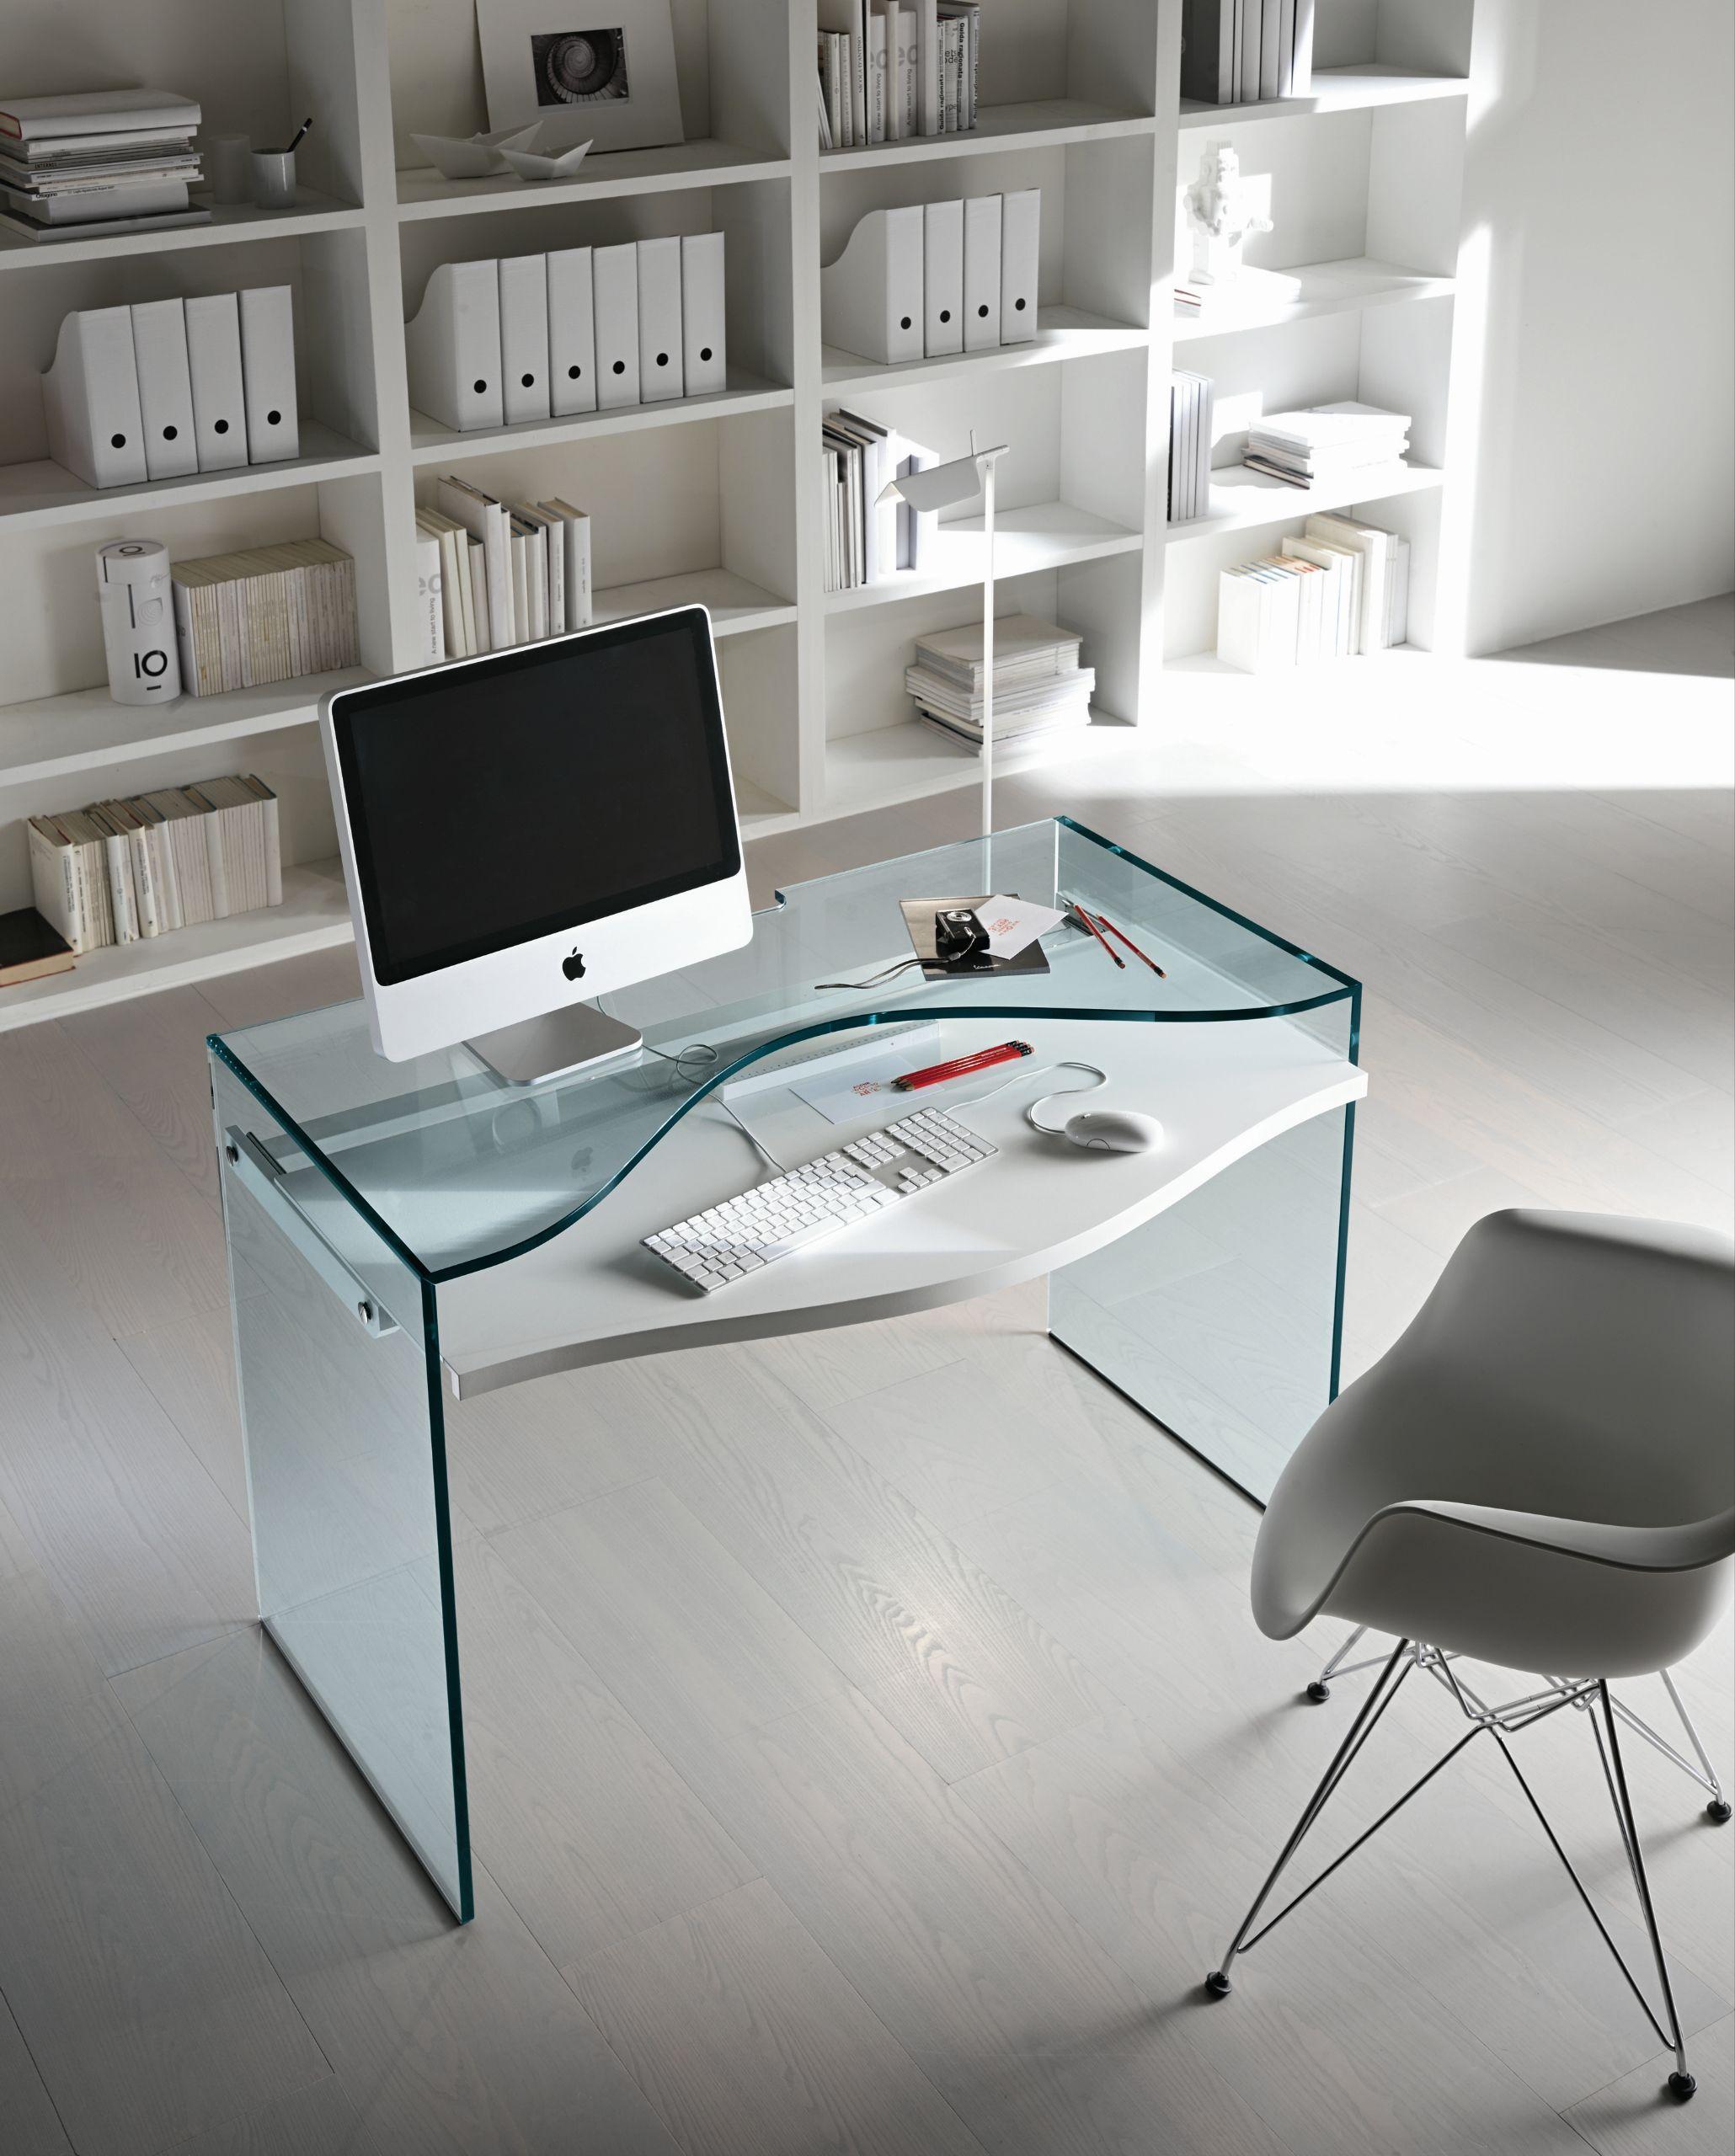 Escritorio de vidrio para pc strata by t d tonelli design for Escritorios para disenadores